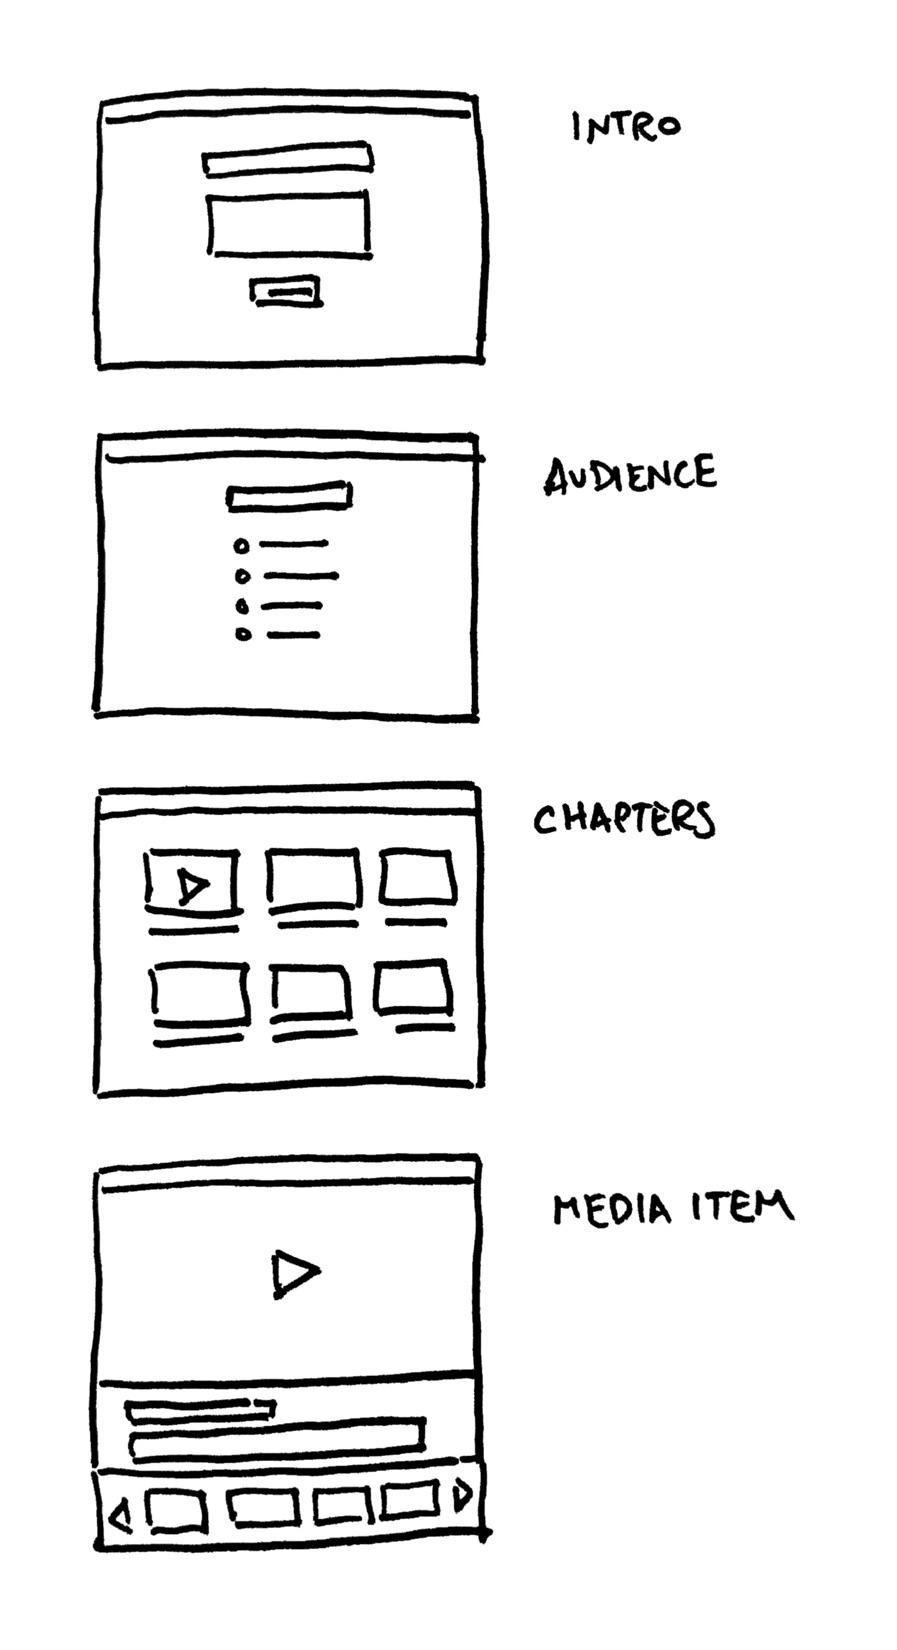 IA_Sketch_V1.jpg